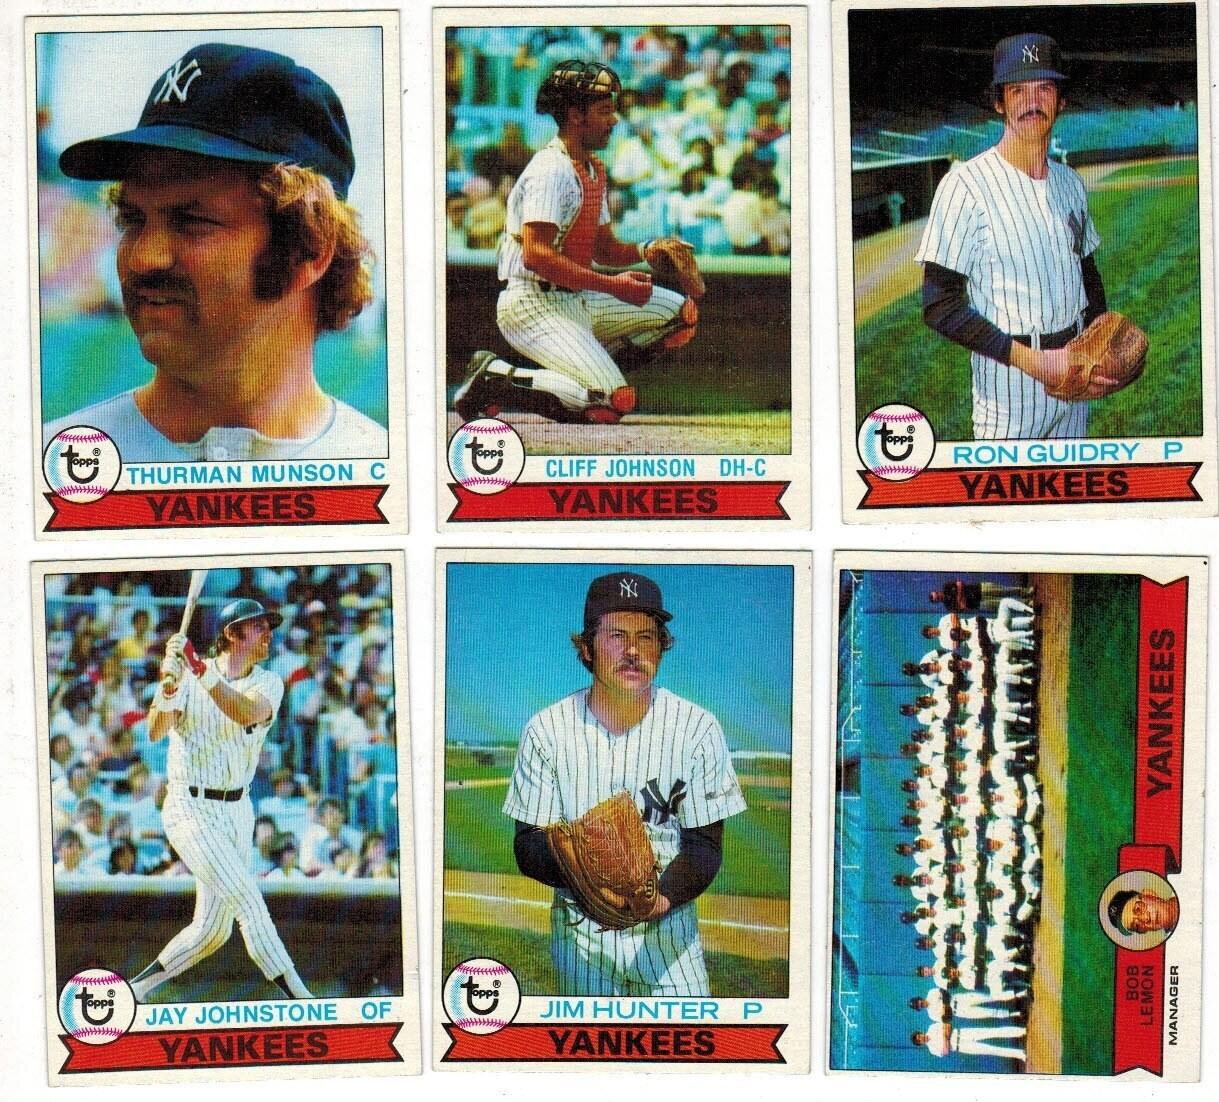 1979 Burger King Yankee Team set 23 ct.